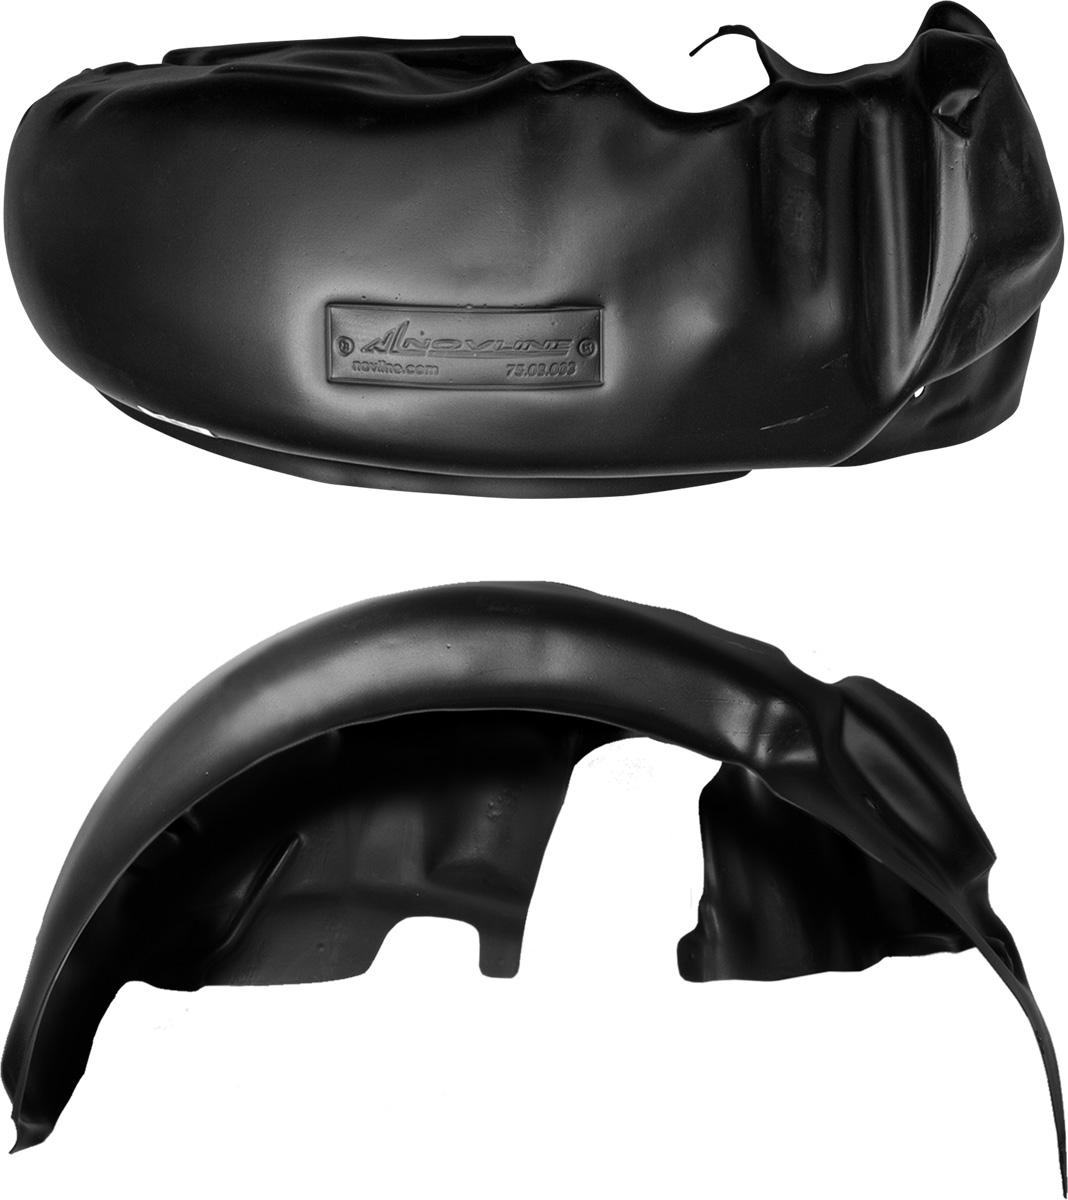 Подкрылок GREAT WALL Hover H5, 2010->, передний правыйNLL.59.10.002Колесные ниши – одни из самых уязвимых зон днища вашего автомобиля. Они постоянно подвергаются воздействию со стороны дороги. Лучшая, почти абсолютная защита для них - специально отформованные пластиковые кожухи, которые называются подкрылками, или локерами. Производятся они как для отечественных моделей автомобилей, так и для иномарок. Подкрылки выполнены из высококачественного, экологически чистого пластика. Обеспечивают надежную защиту кузова автомобиля от пескоструйного эффекта и негативного влияния, агрессивных антигололедных реагентов. Пластик обладает более низкой теплопроводностью, чем металл, поэтому в зимний период эксплуатации использование пластиковых подкрылков позволяет лучше защитить колесные ниши от налипания снега и образования наледи. Оригинальность конструкции подчеркивает элегантность автомобиля, бережно защищает нанесенное на днище кузова антикоррозийное покрытие и позволяет осуществить крепление подкрылков внутри колесной арки практически без дополнительного крепежа и сверления, не нарушая при этом лакокрасочного покрытия, что предотвращает возникновение новых очагов коррозии. Технология крепления подкрылков на иномарки принципиально отличается от крепления на российские автомобили и разрабатывается индивидуально для каждой модели автомобиля. Подкрылки долговечны, обладают высокой прочностью и сохраняют заданную форму, а также все свои физико-механические характеристики в самых тяжелых климатических условиях ( от -50° С до + 50° С).